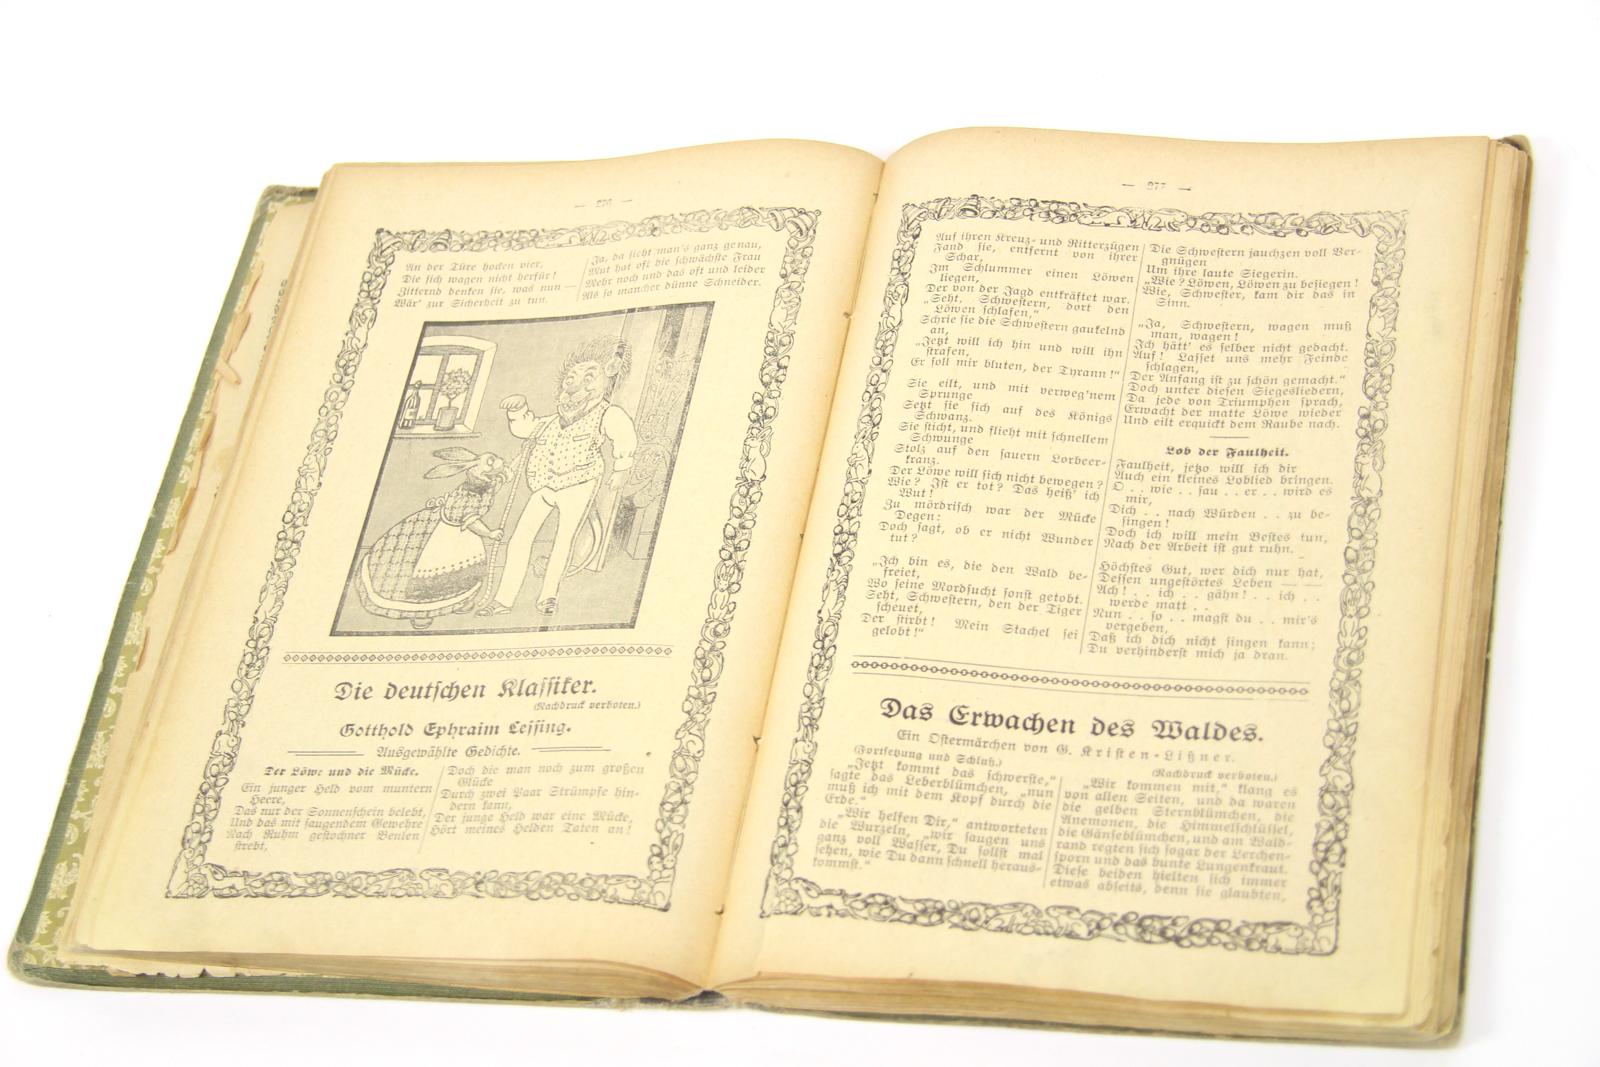 antike jugendzeitschrift der kleine coco 5 jg 1913 1914 zeitschrift gebunden ebay. Black Bedroom Furniture Sets. Home Design Ideas